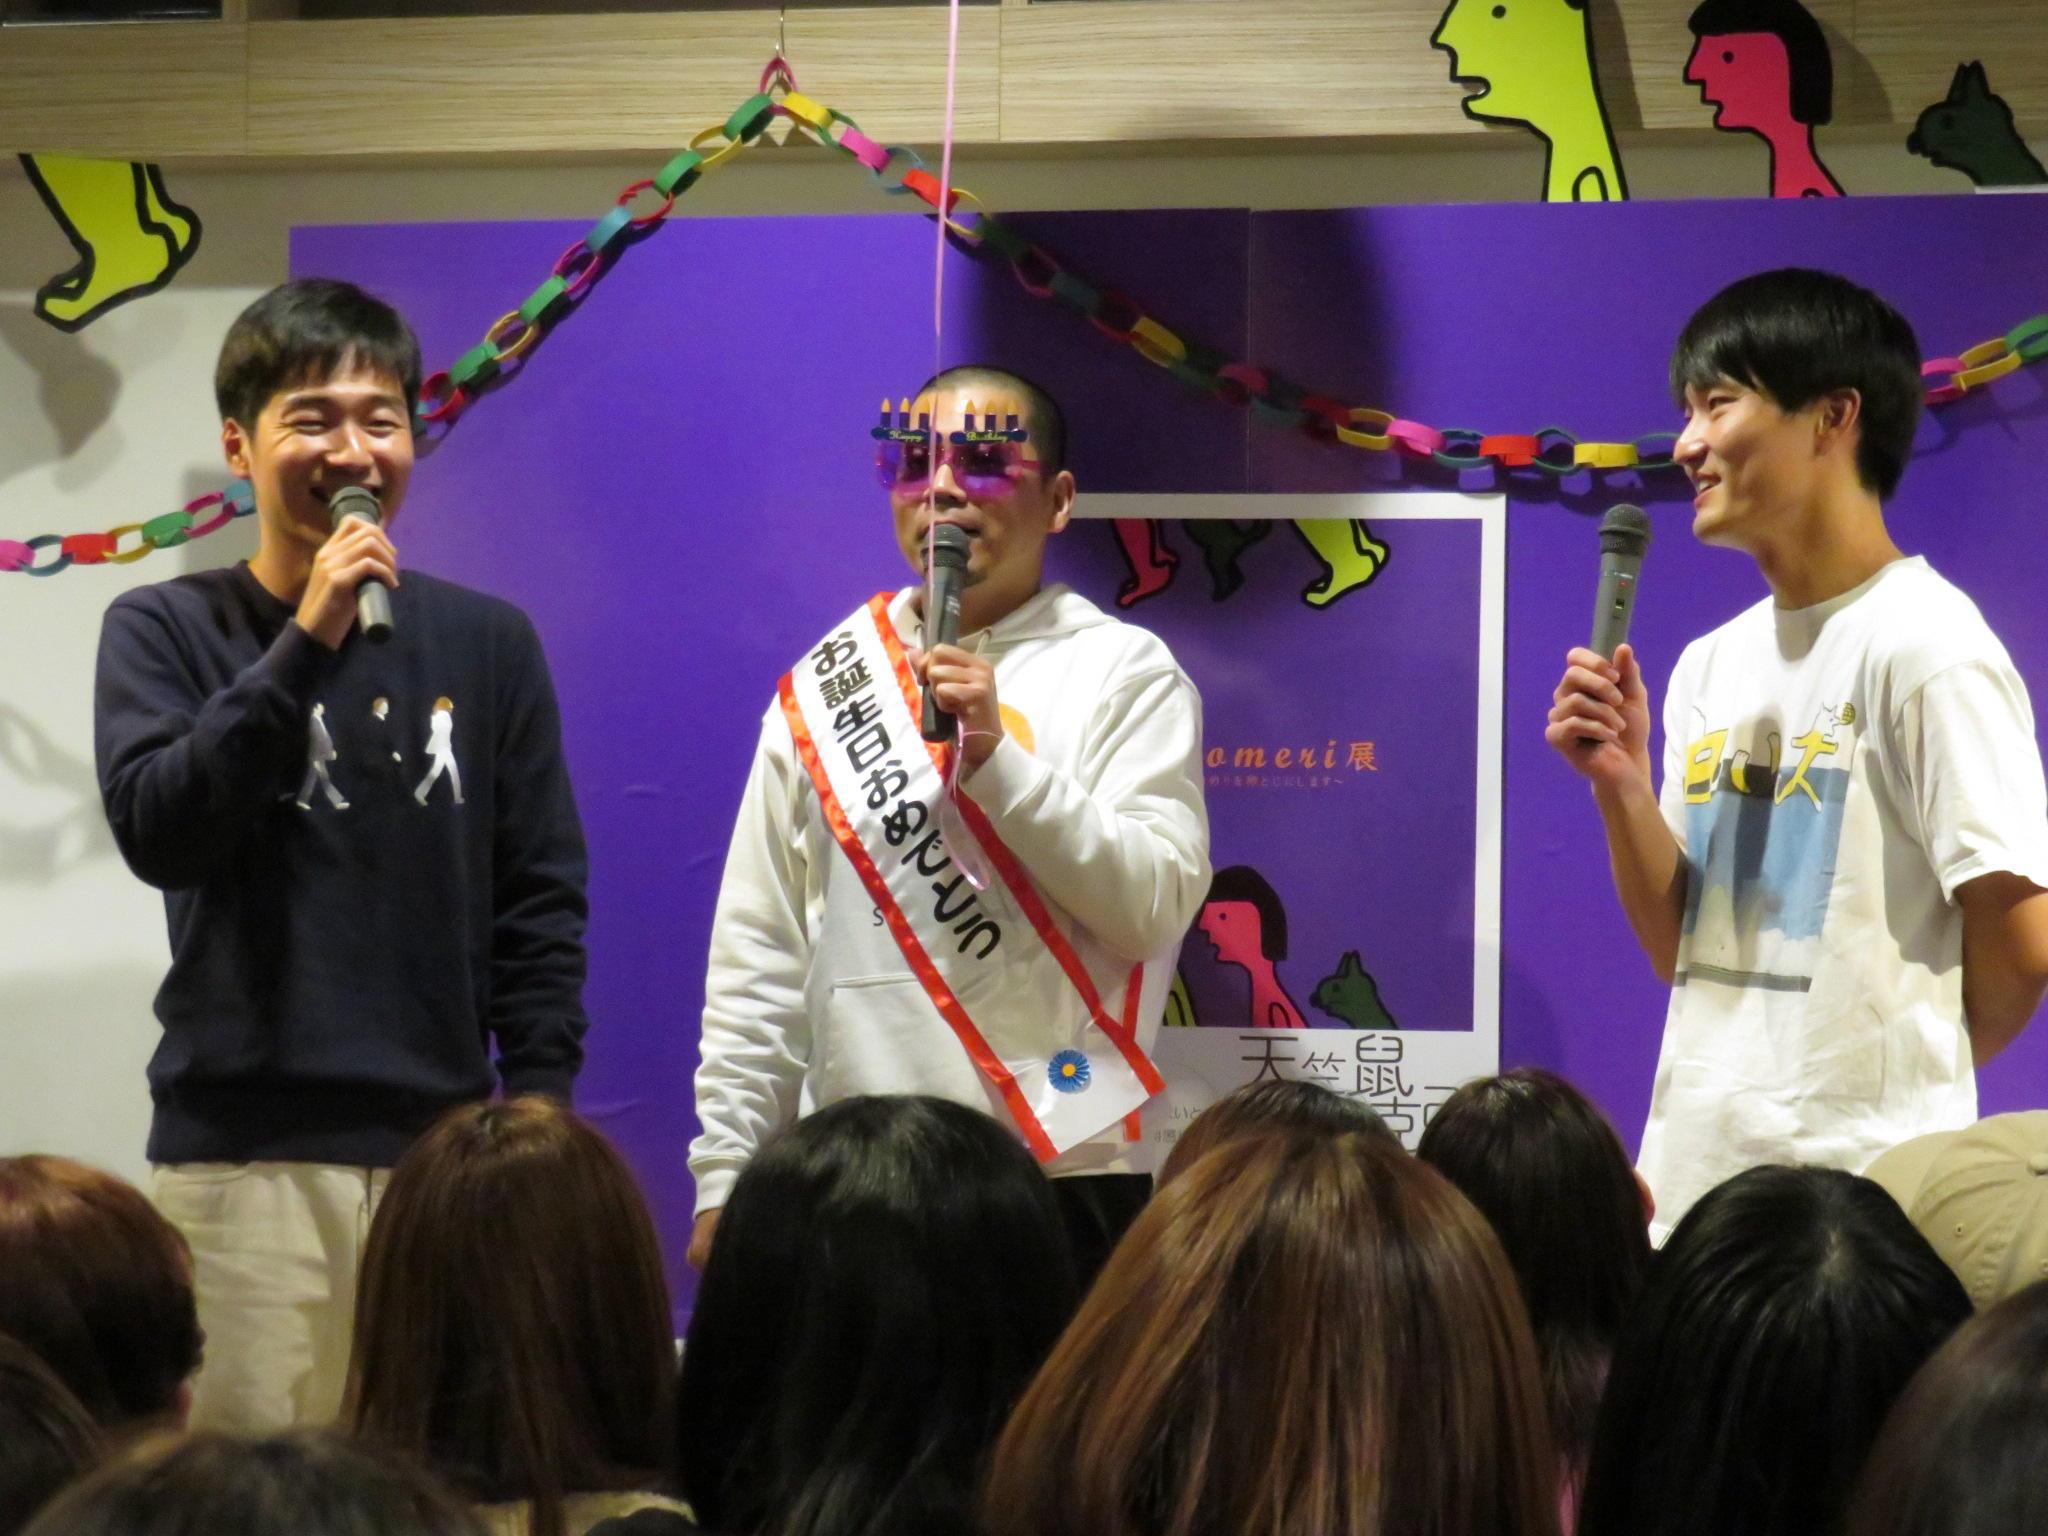 http://news.yoshimoto.co.jp/20190201194131-0fcd6b670c7ecd58a4fa26d10a7aaa817fdb4dd4.jpg